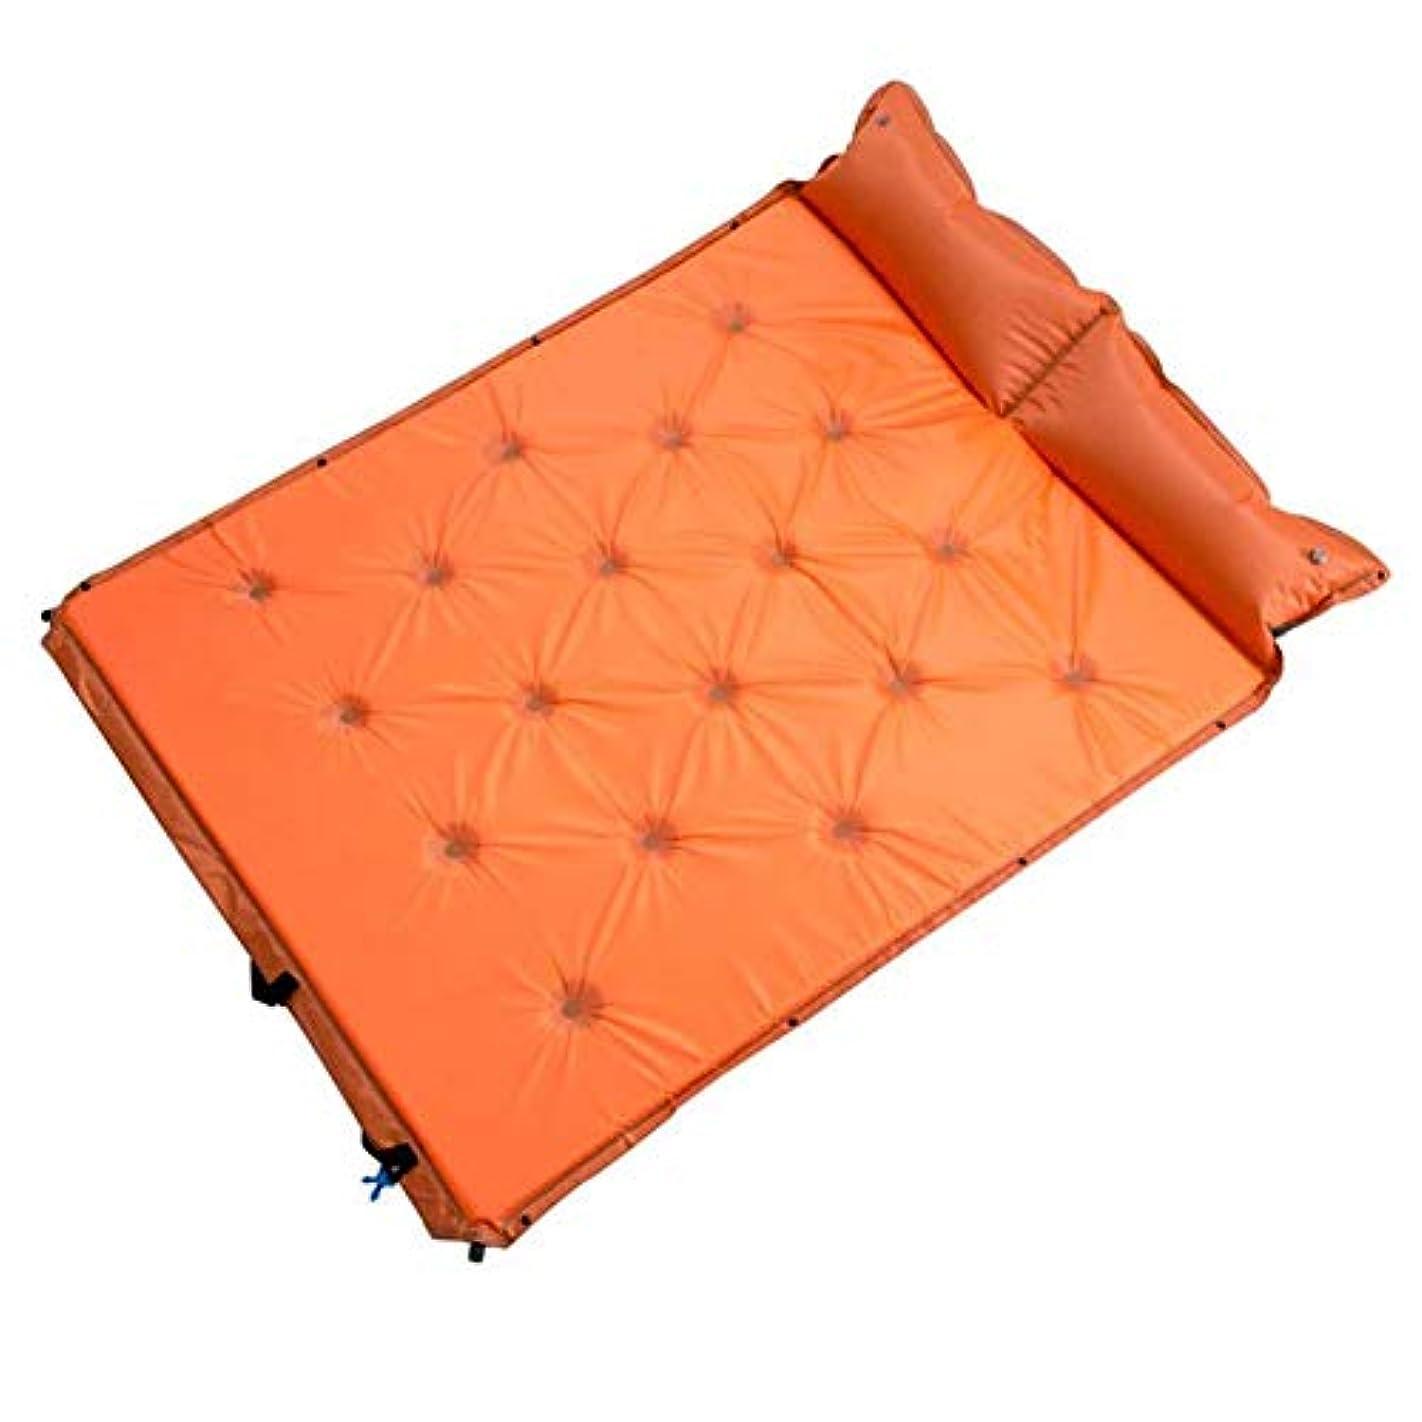 決済タイムリーな放射性自動インフレータブルランチクッションパッド、ピクニックダブルポータブルスプライシング CongMing (色 : Orange)